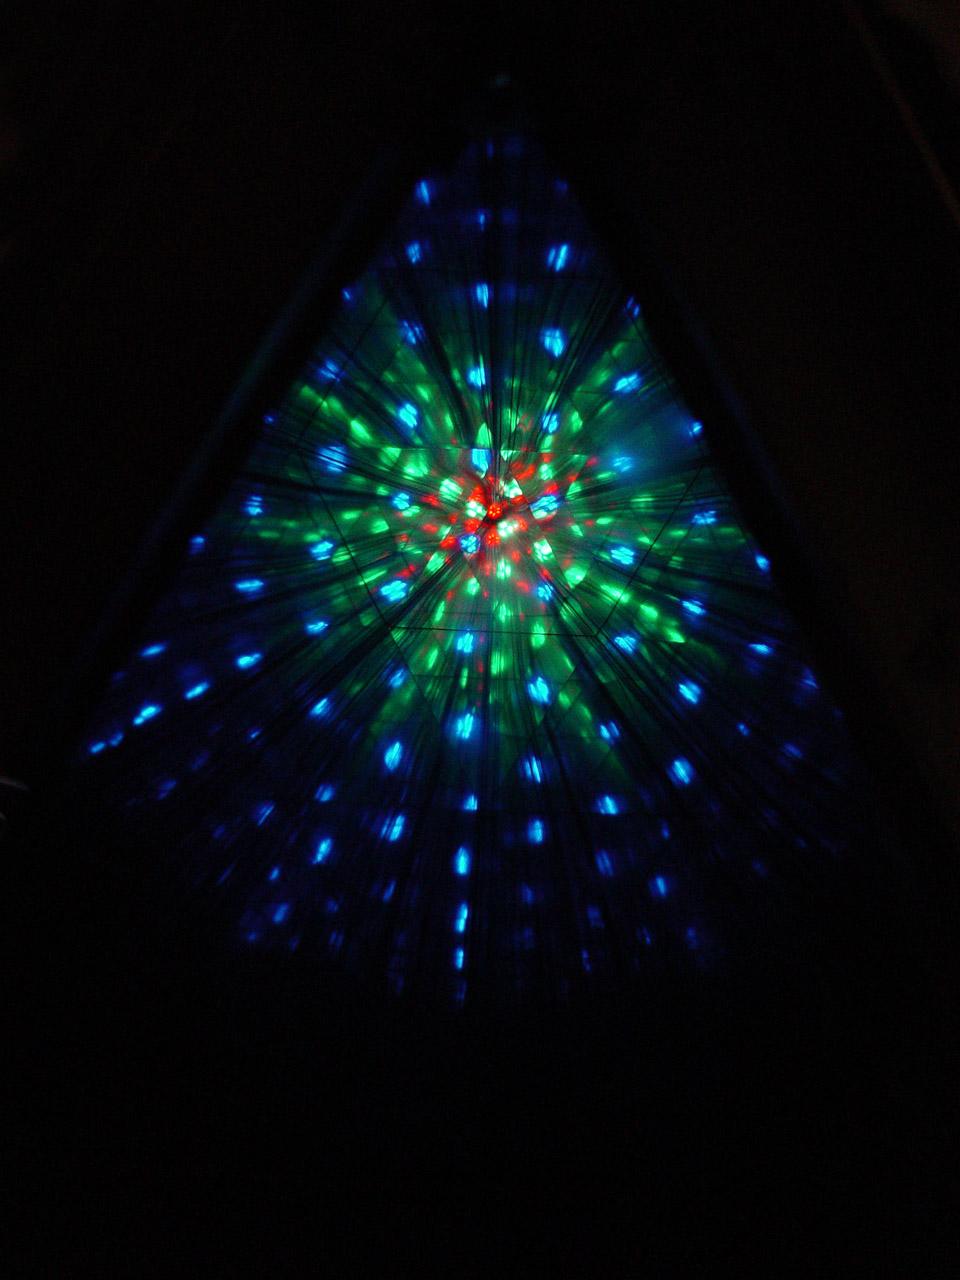 """Světelný tunel. Odraz světelného zdroje ve světelném tunelu tvořeném zrcadly. Zdrojem byly LED diody, které se daly v tunelu přemísťovat a vznikaly tak rozmanité obrazce. Snímek byl pořízen na interaktivní výstavě Labyrint světla (Ekotechnické muzeum v Praze, květen """" červenec 2009), exponát Světelný hranol s jezdci, autor O. Smeykal. Foto P. Bohatý"""